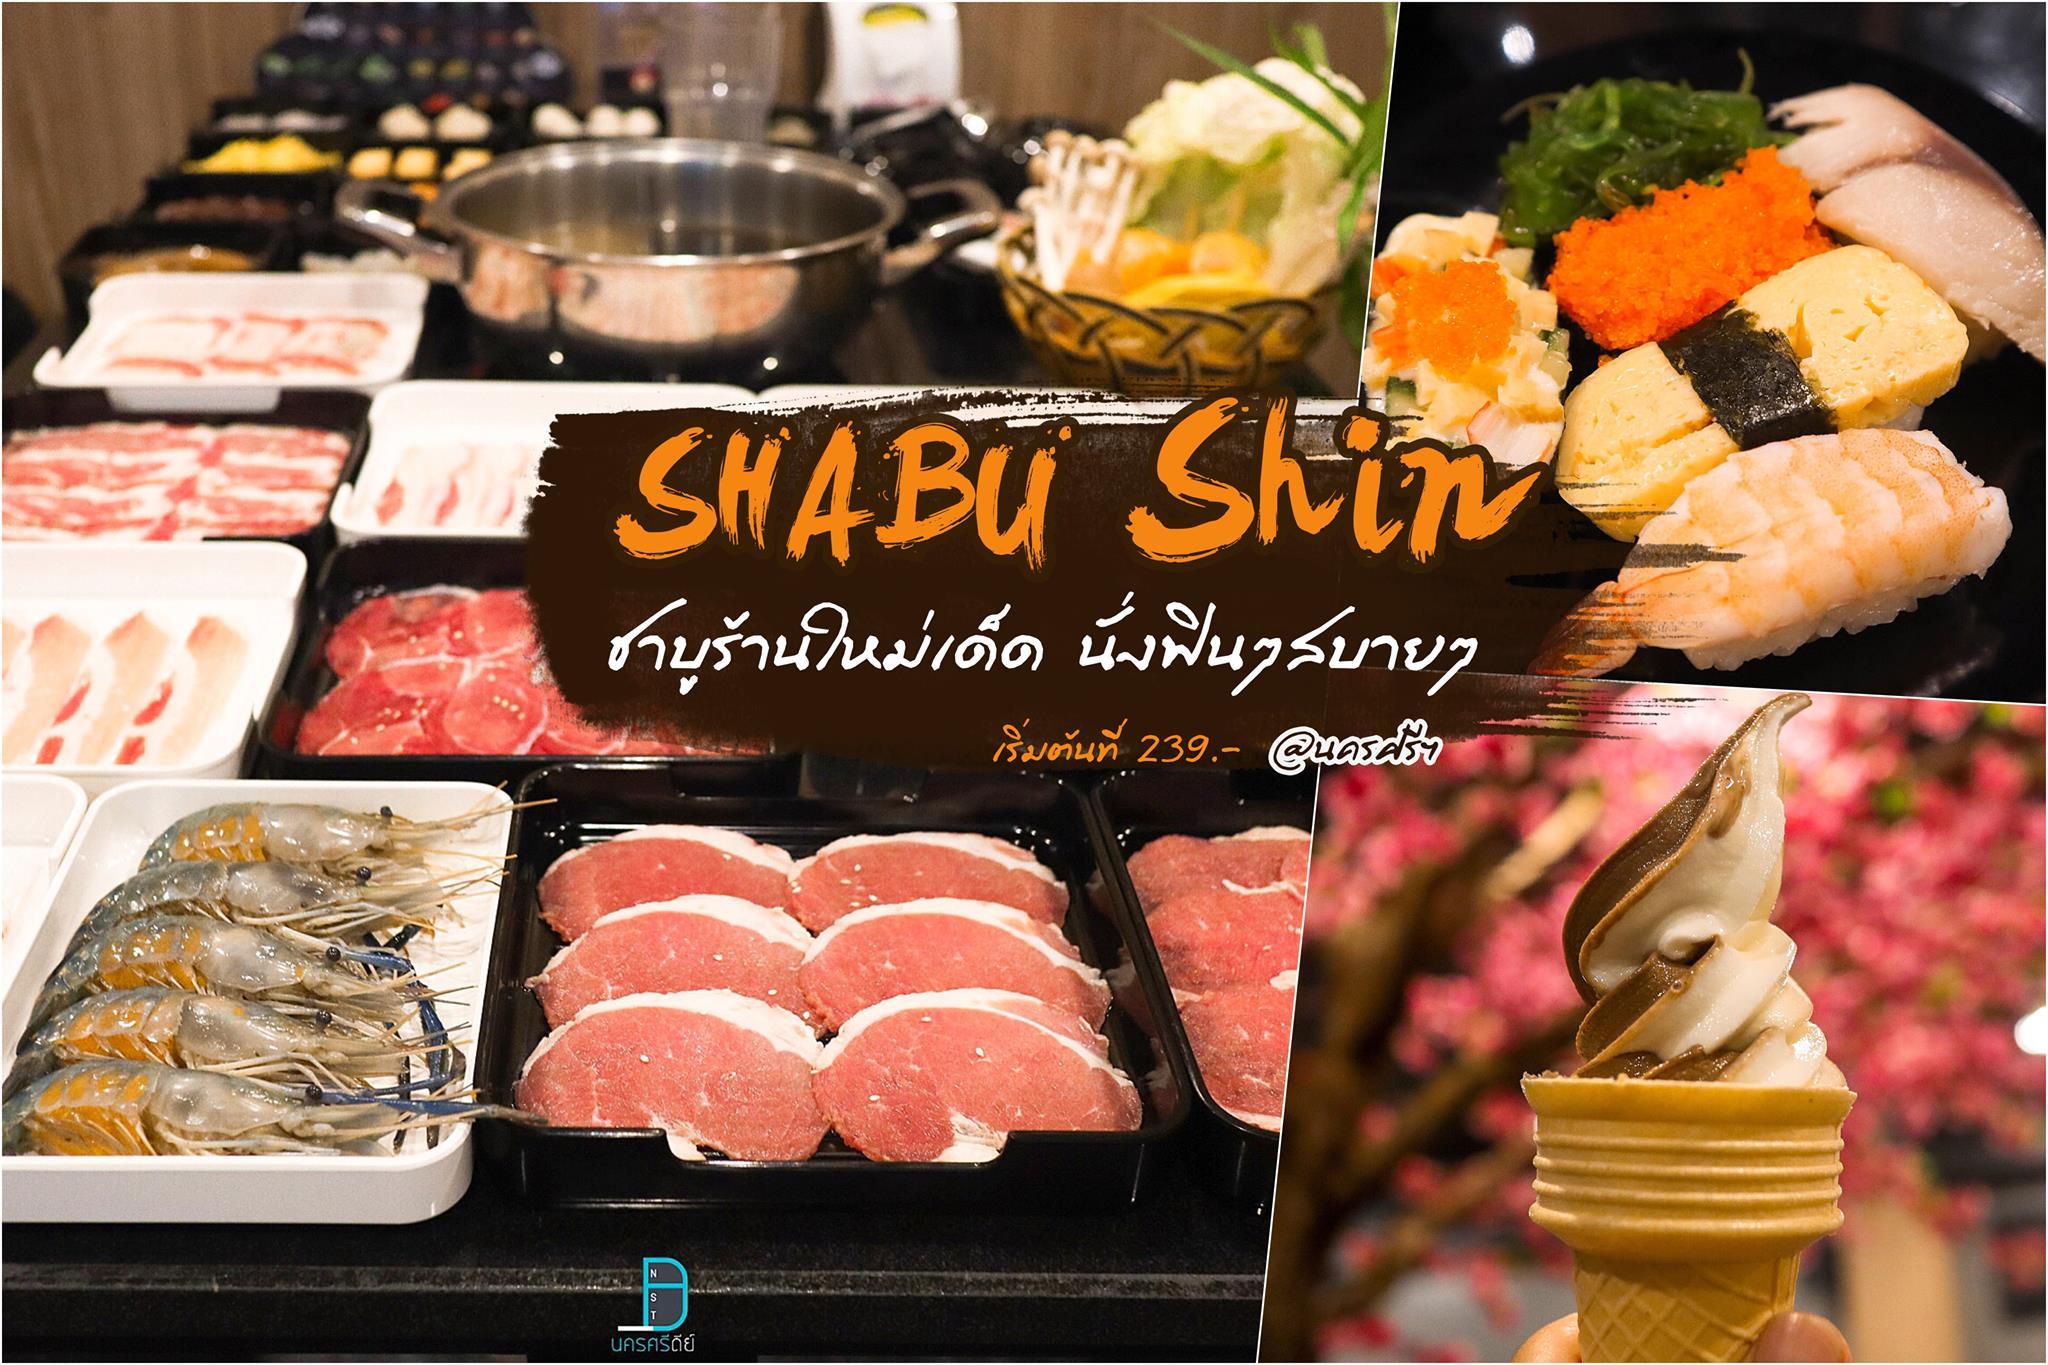 Shabu Shin ร้านชาบูเด็ดใหม่ นครศรีธรรมราช อร่อยฟินครบจบในที่เดียว ไม่จำกัดเวลา